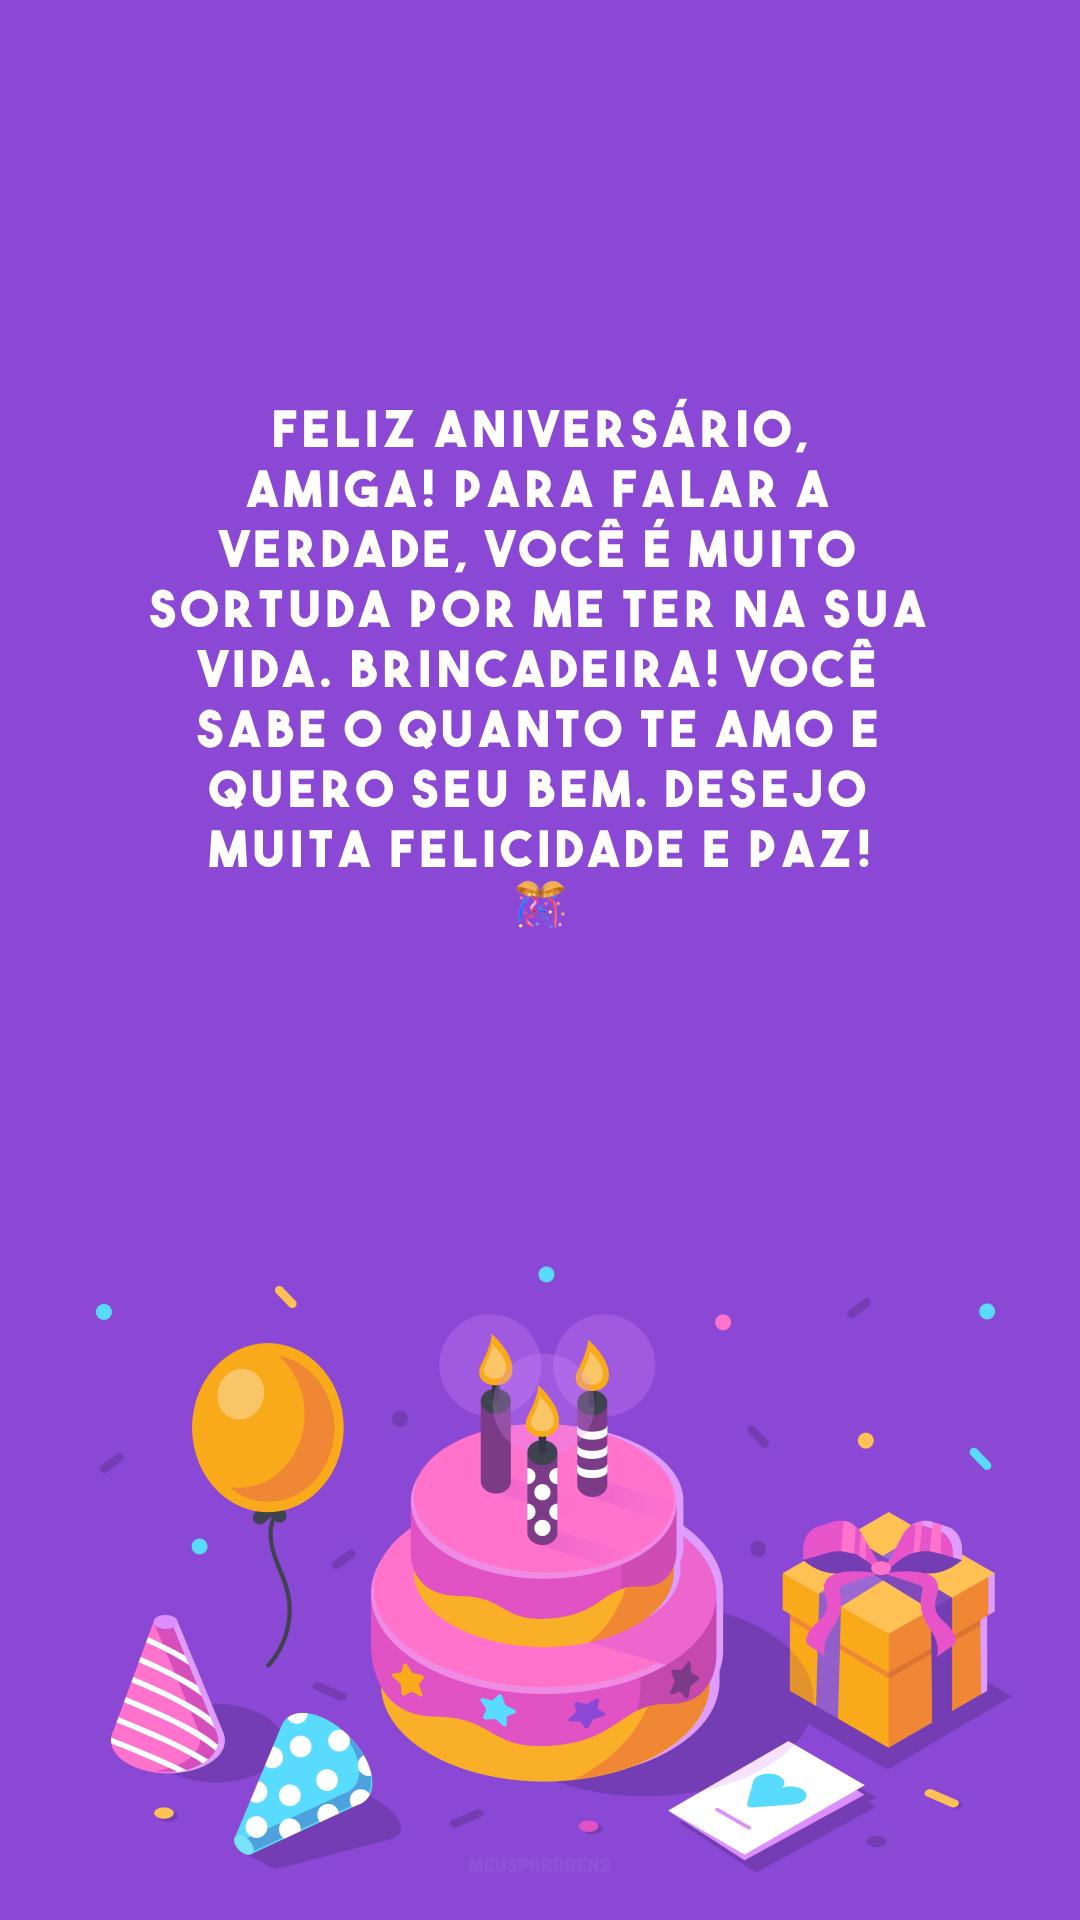 Feliz aniversário, amiga! Para falar a verdade, você é muito sortuda por me ter na sua vida. Brincadeira! Você sabe o quanto te amo e quero seu bem. Desejo muita felicidade e paz! 🎊